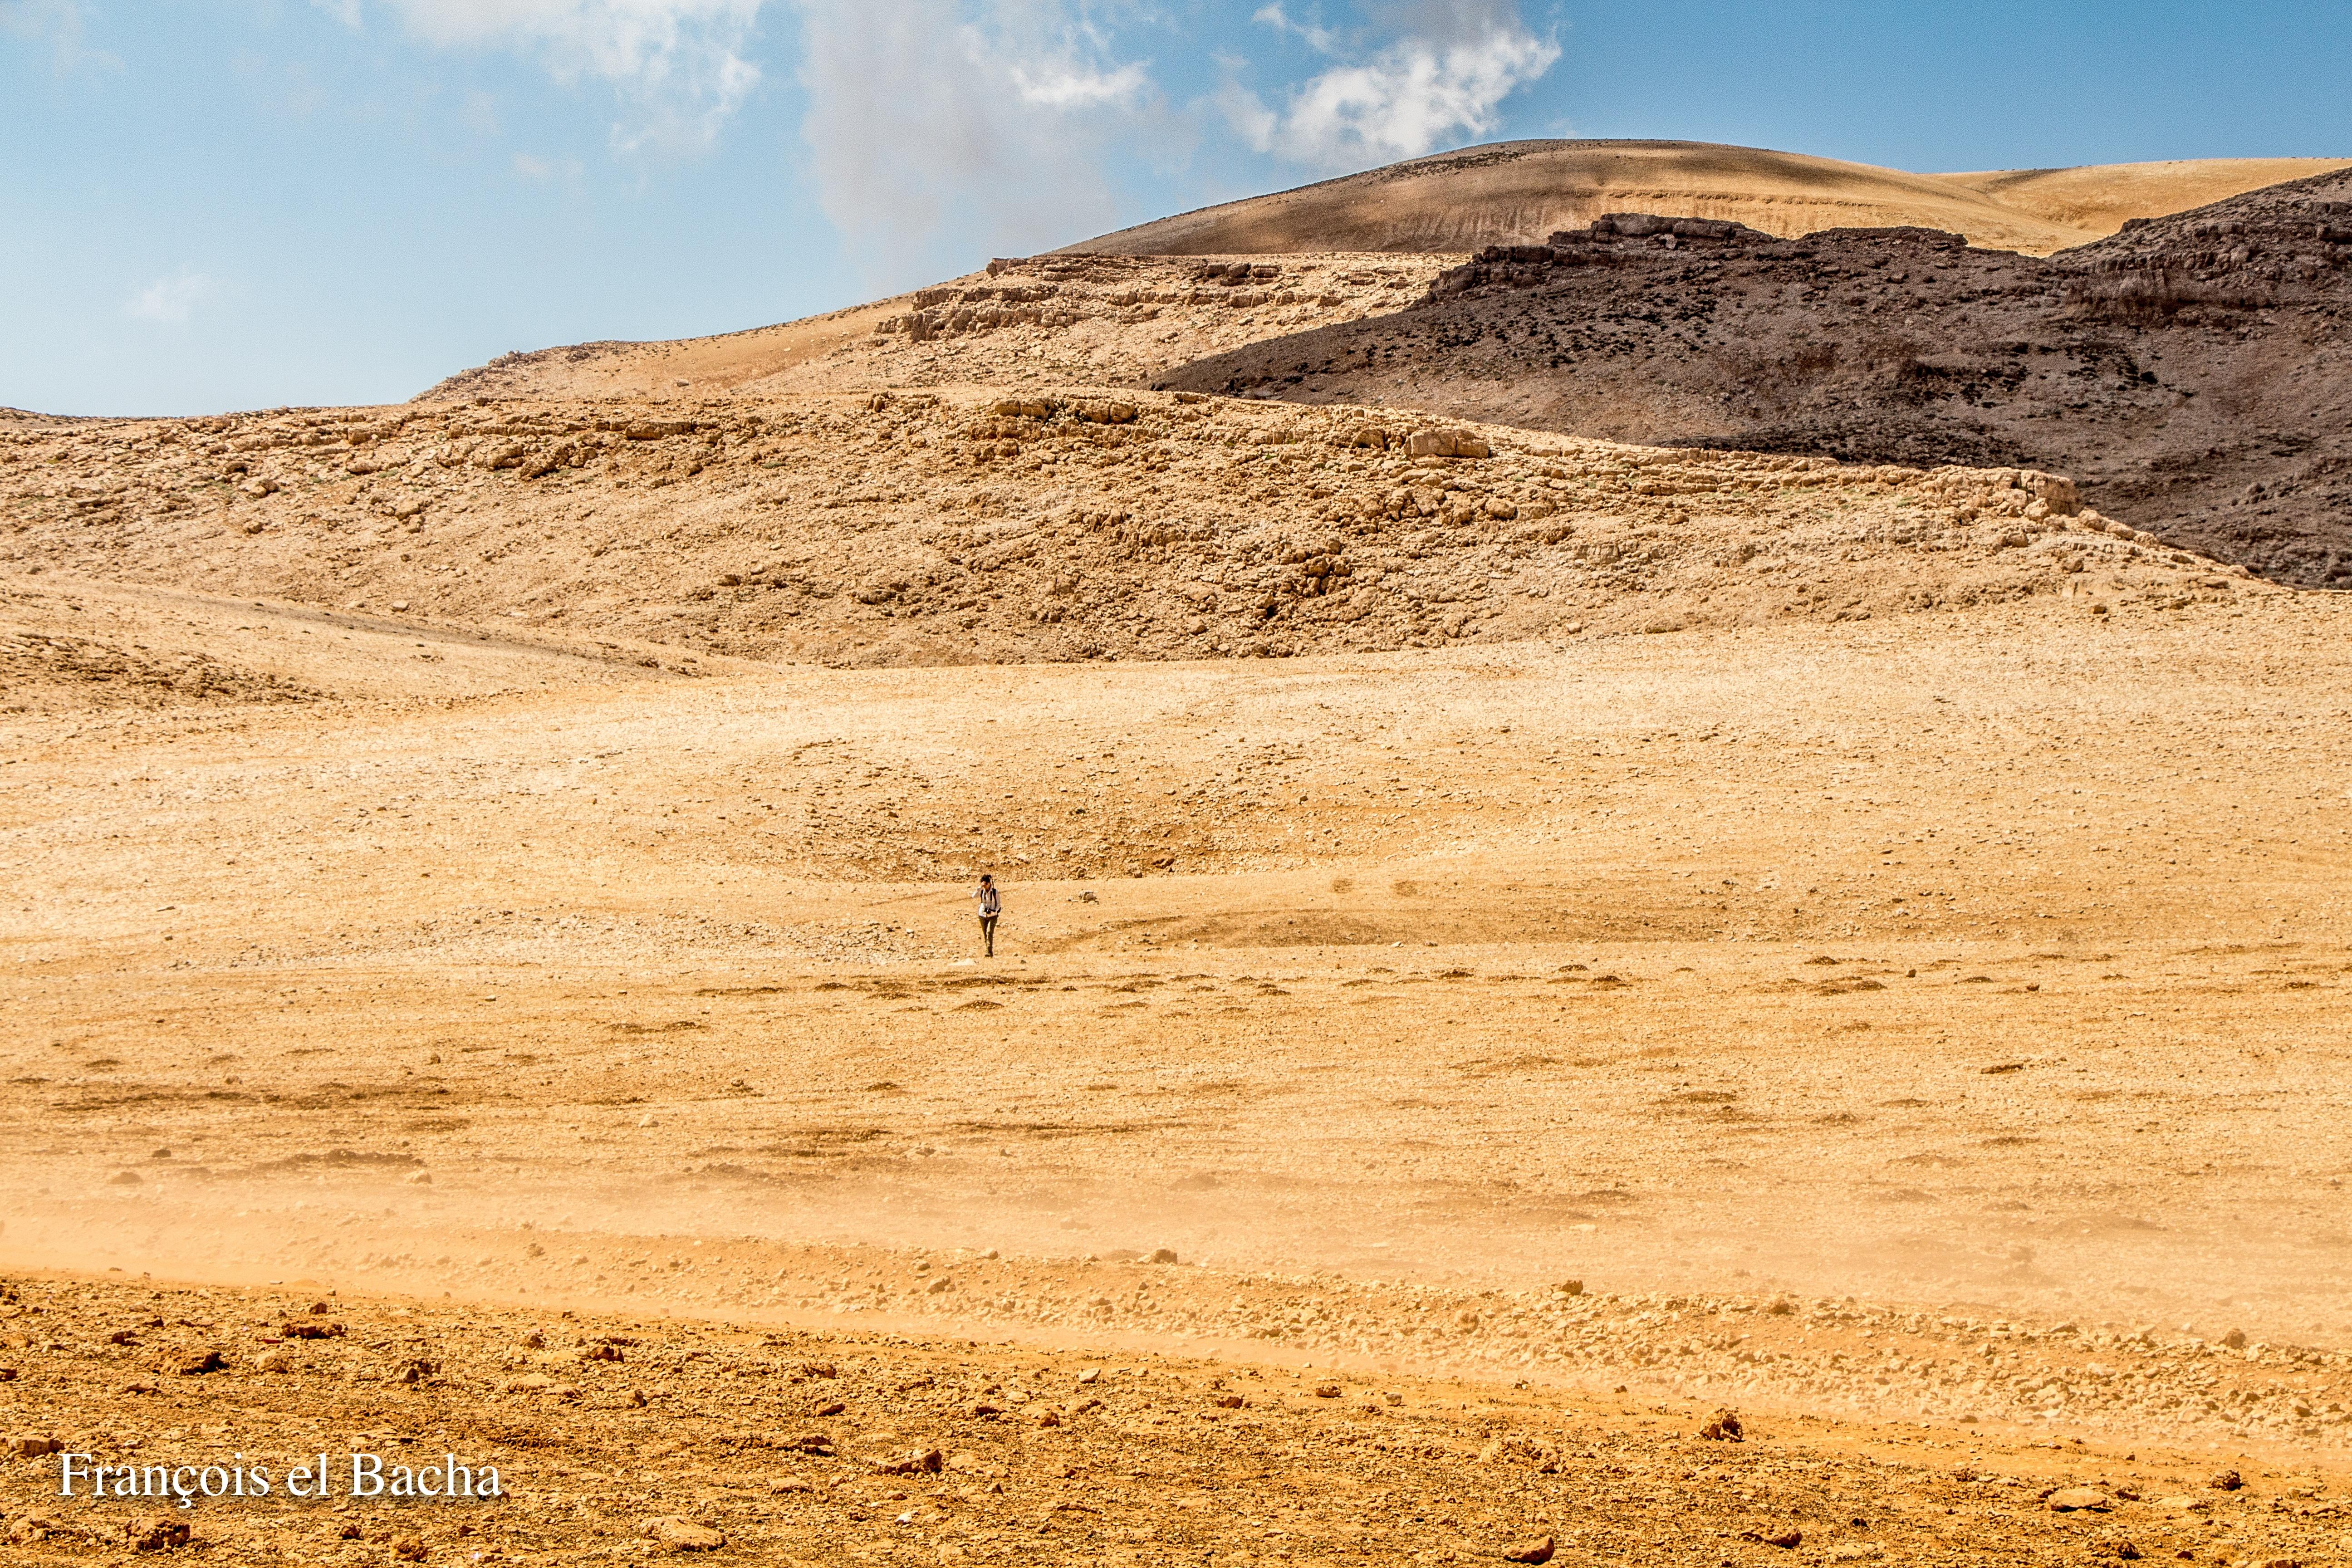 Scènes de la randonnée menant à Kornet Saouda, Crédit photo: François el Bacha, tous droits réservés. Visitez mon blog http://larabio.com